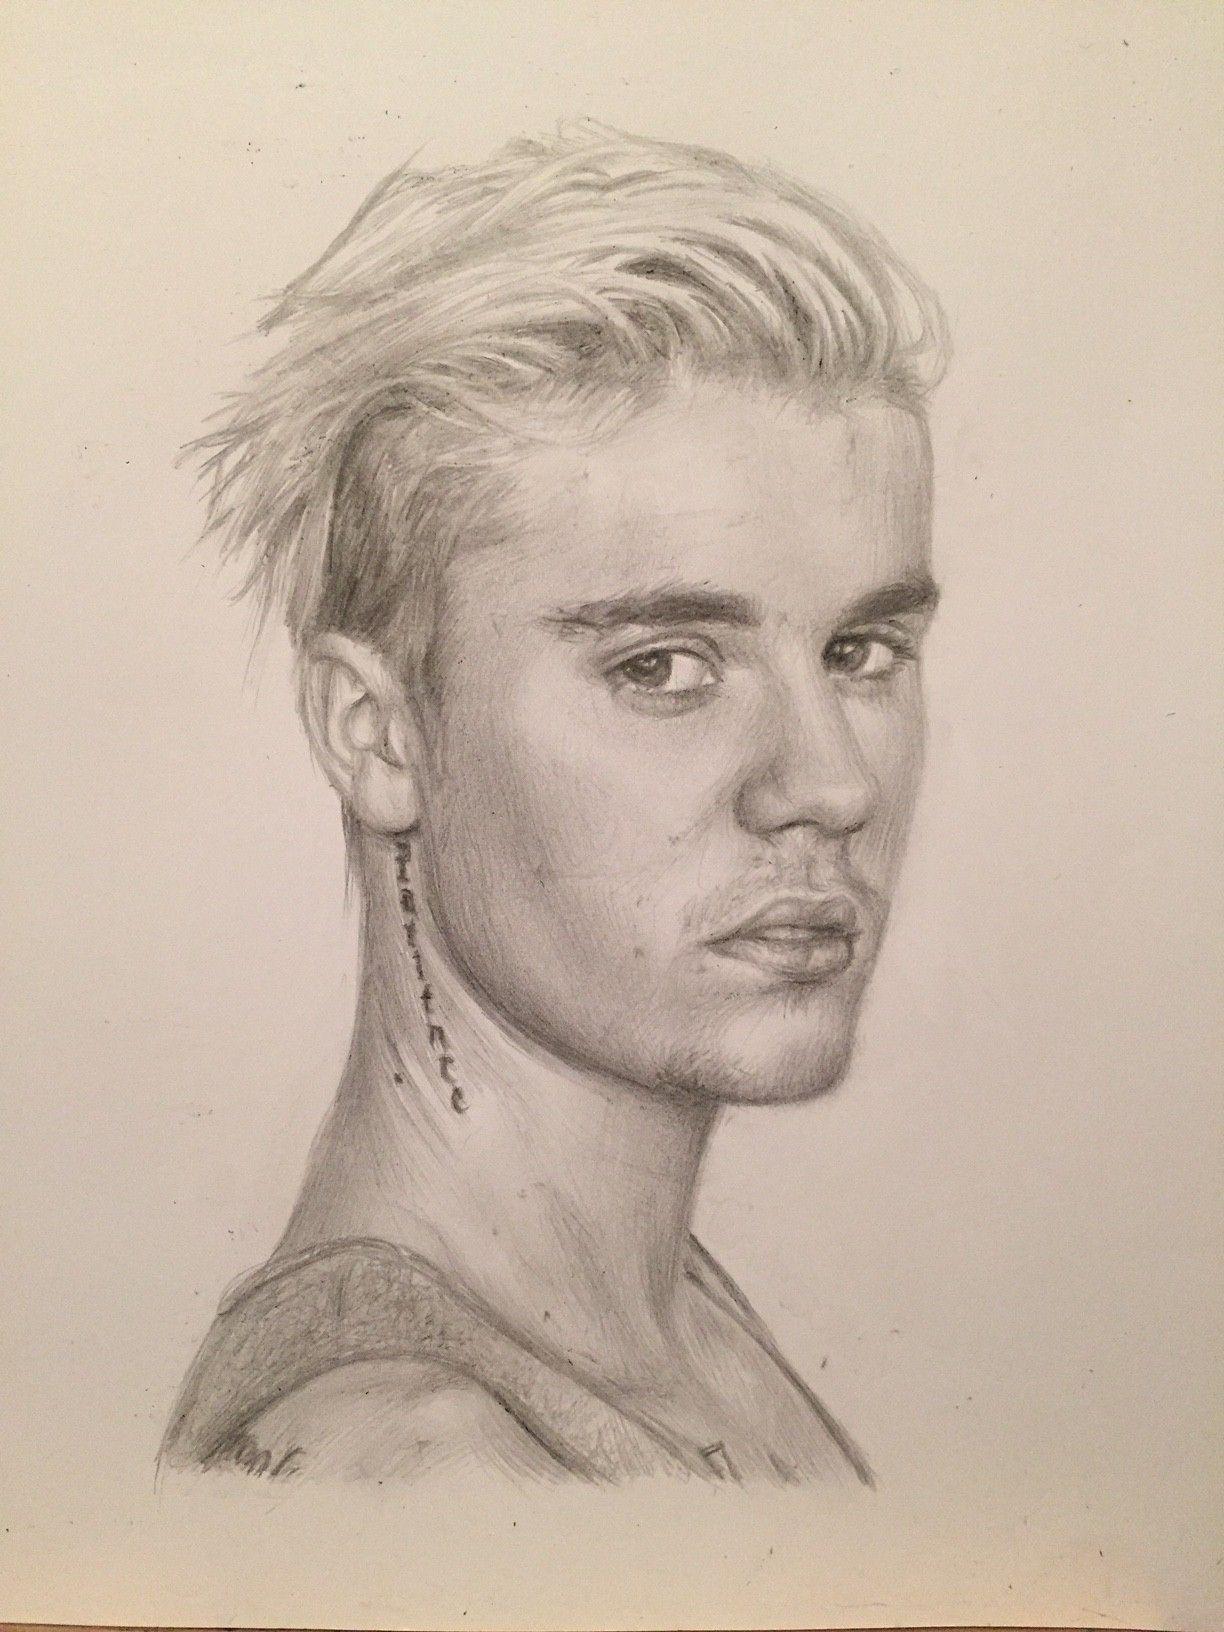 Justin Bieber Drawing By Charlotte Oxenham | Art By Charlotte U2661 In 2019 | Zeichnungen Zeichnen ...